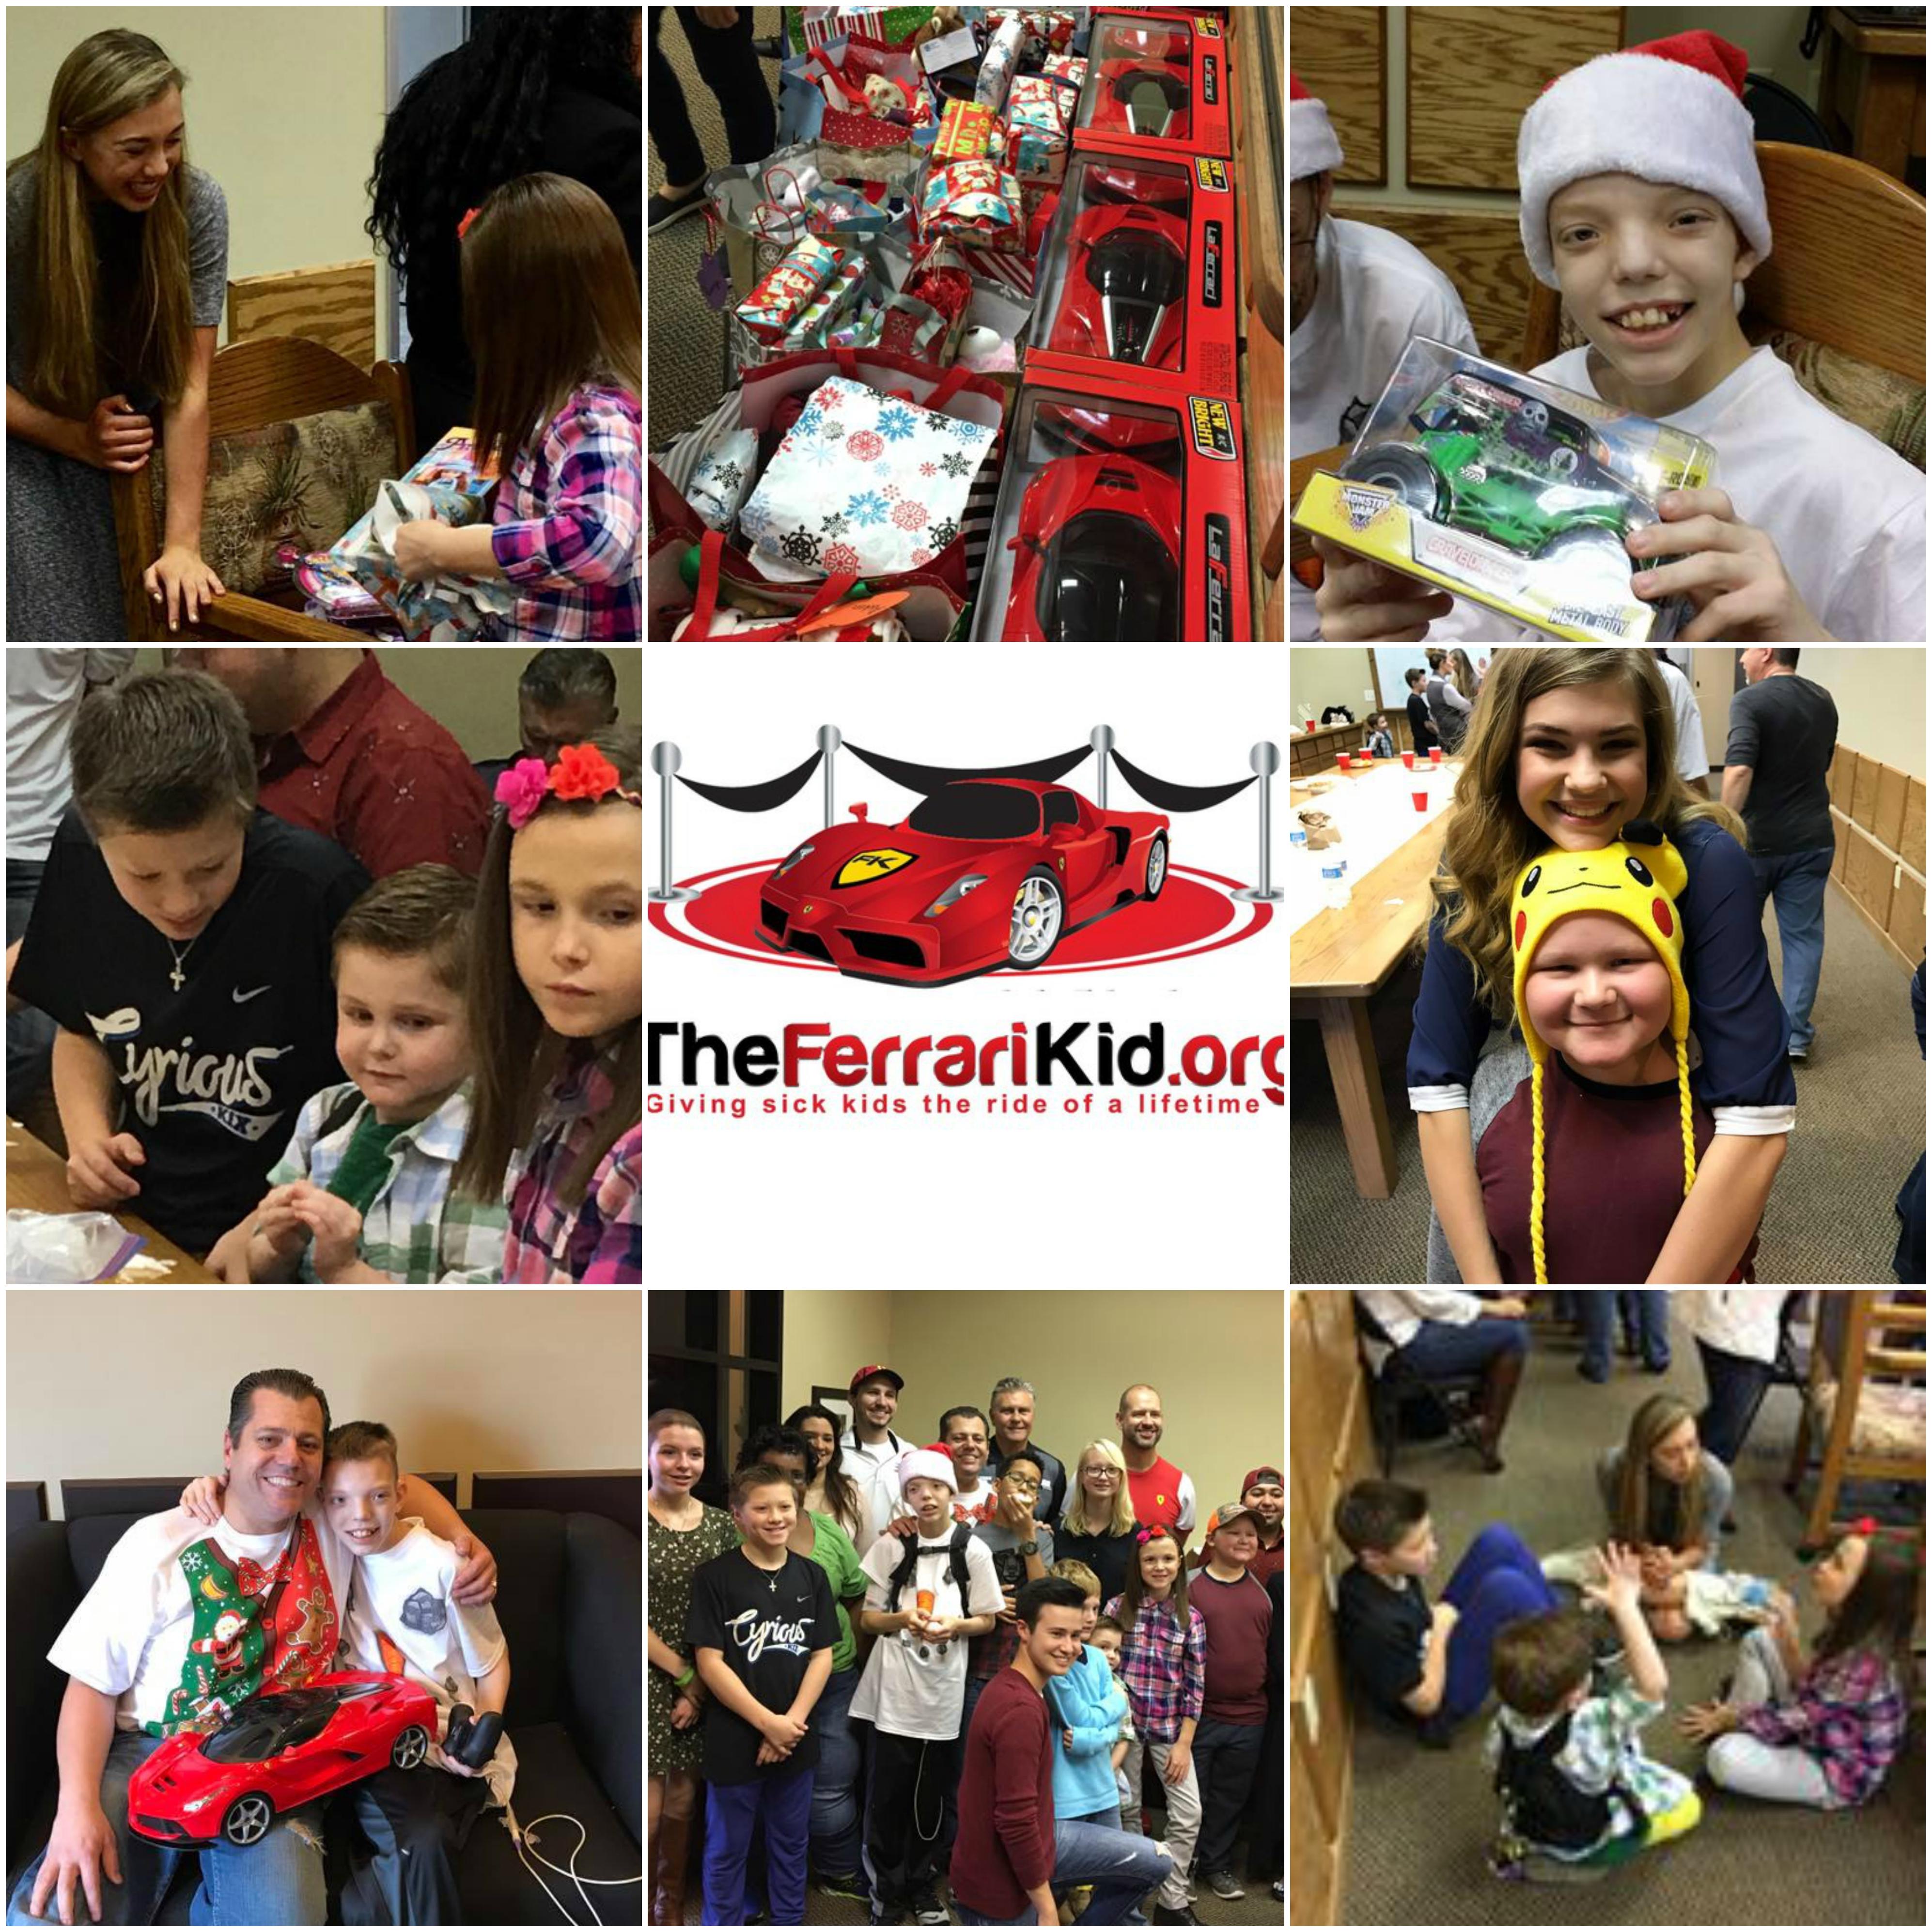 Cyr Family FoundationFerrari Kid Christmas Party - Cyr Family Foundation